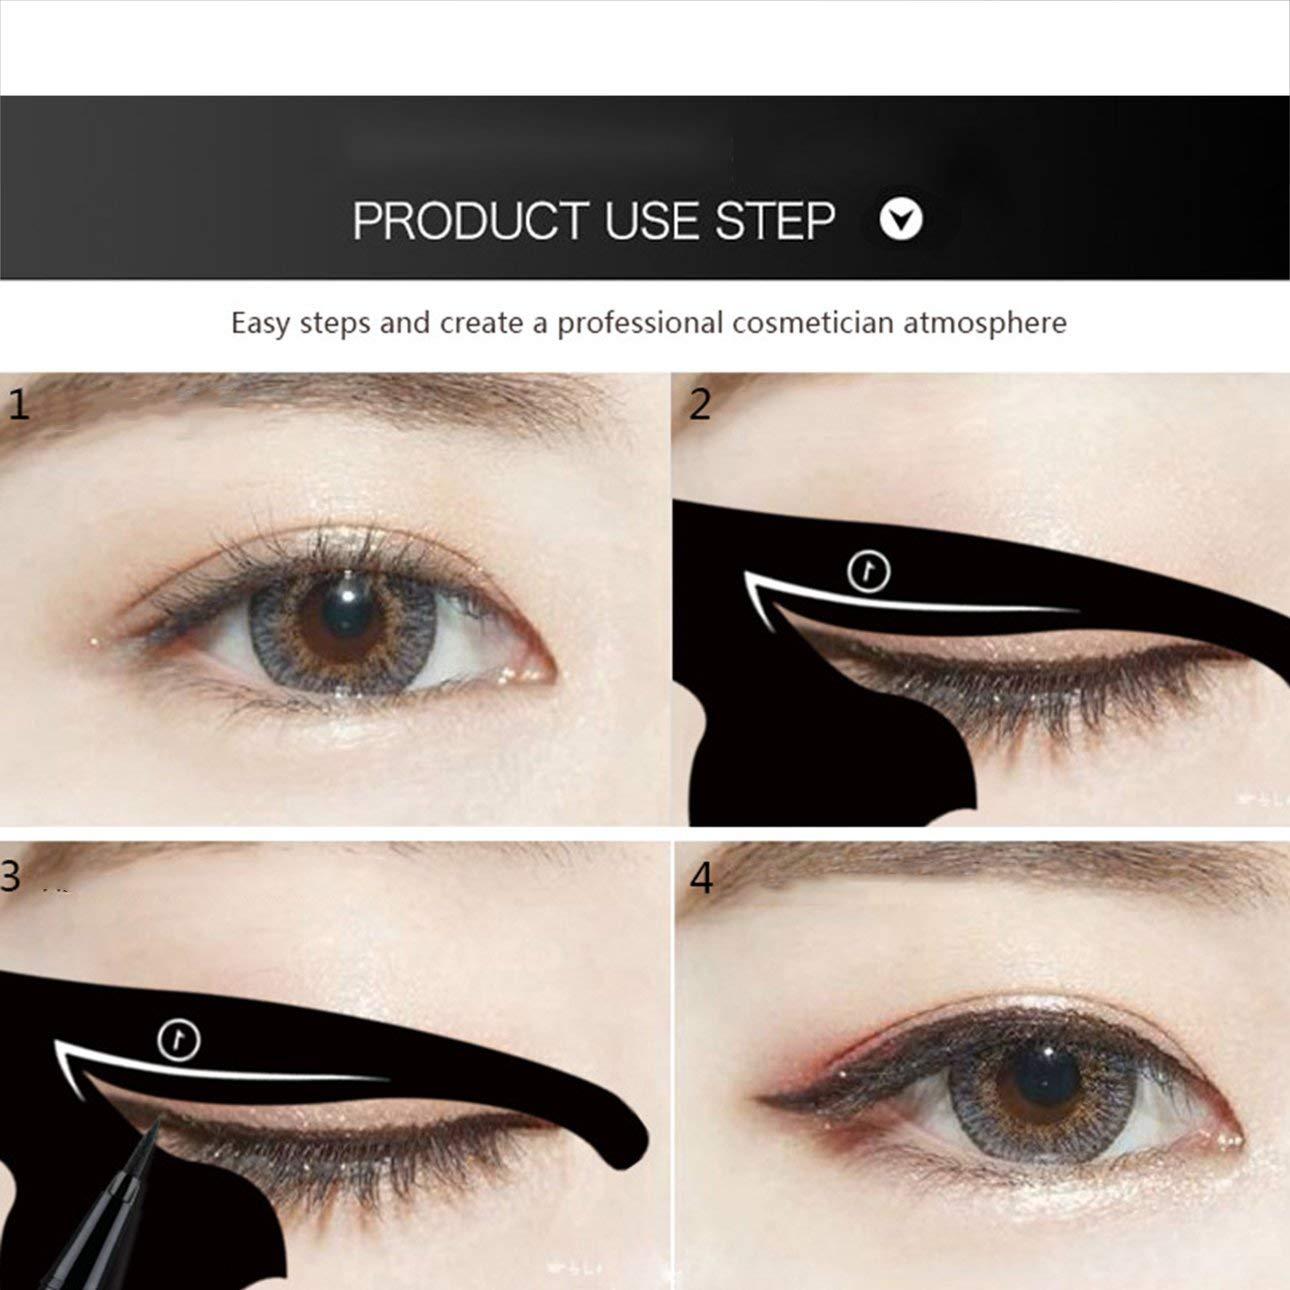 Ballylelly Mujeres de moda Cat Line Eye Makeup Eyeliner Plantillas únicas Plantillas Herramientas de maquillaje Kits para ojos Elegante delineador de ojos ...